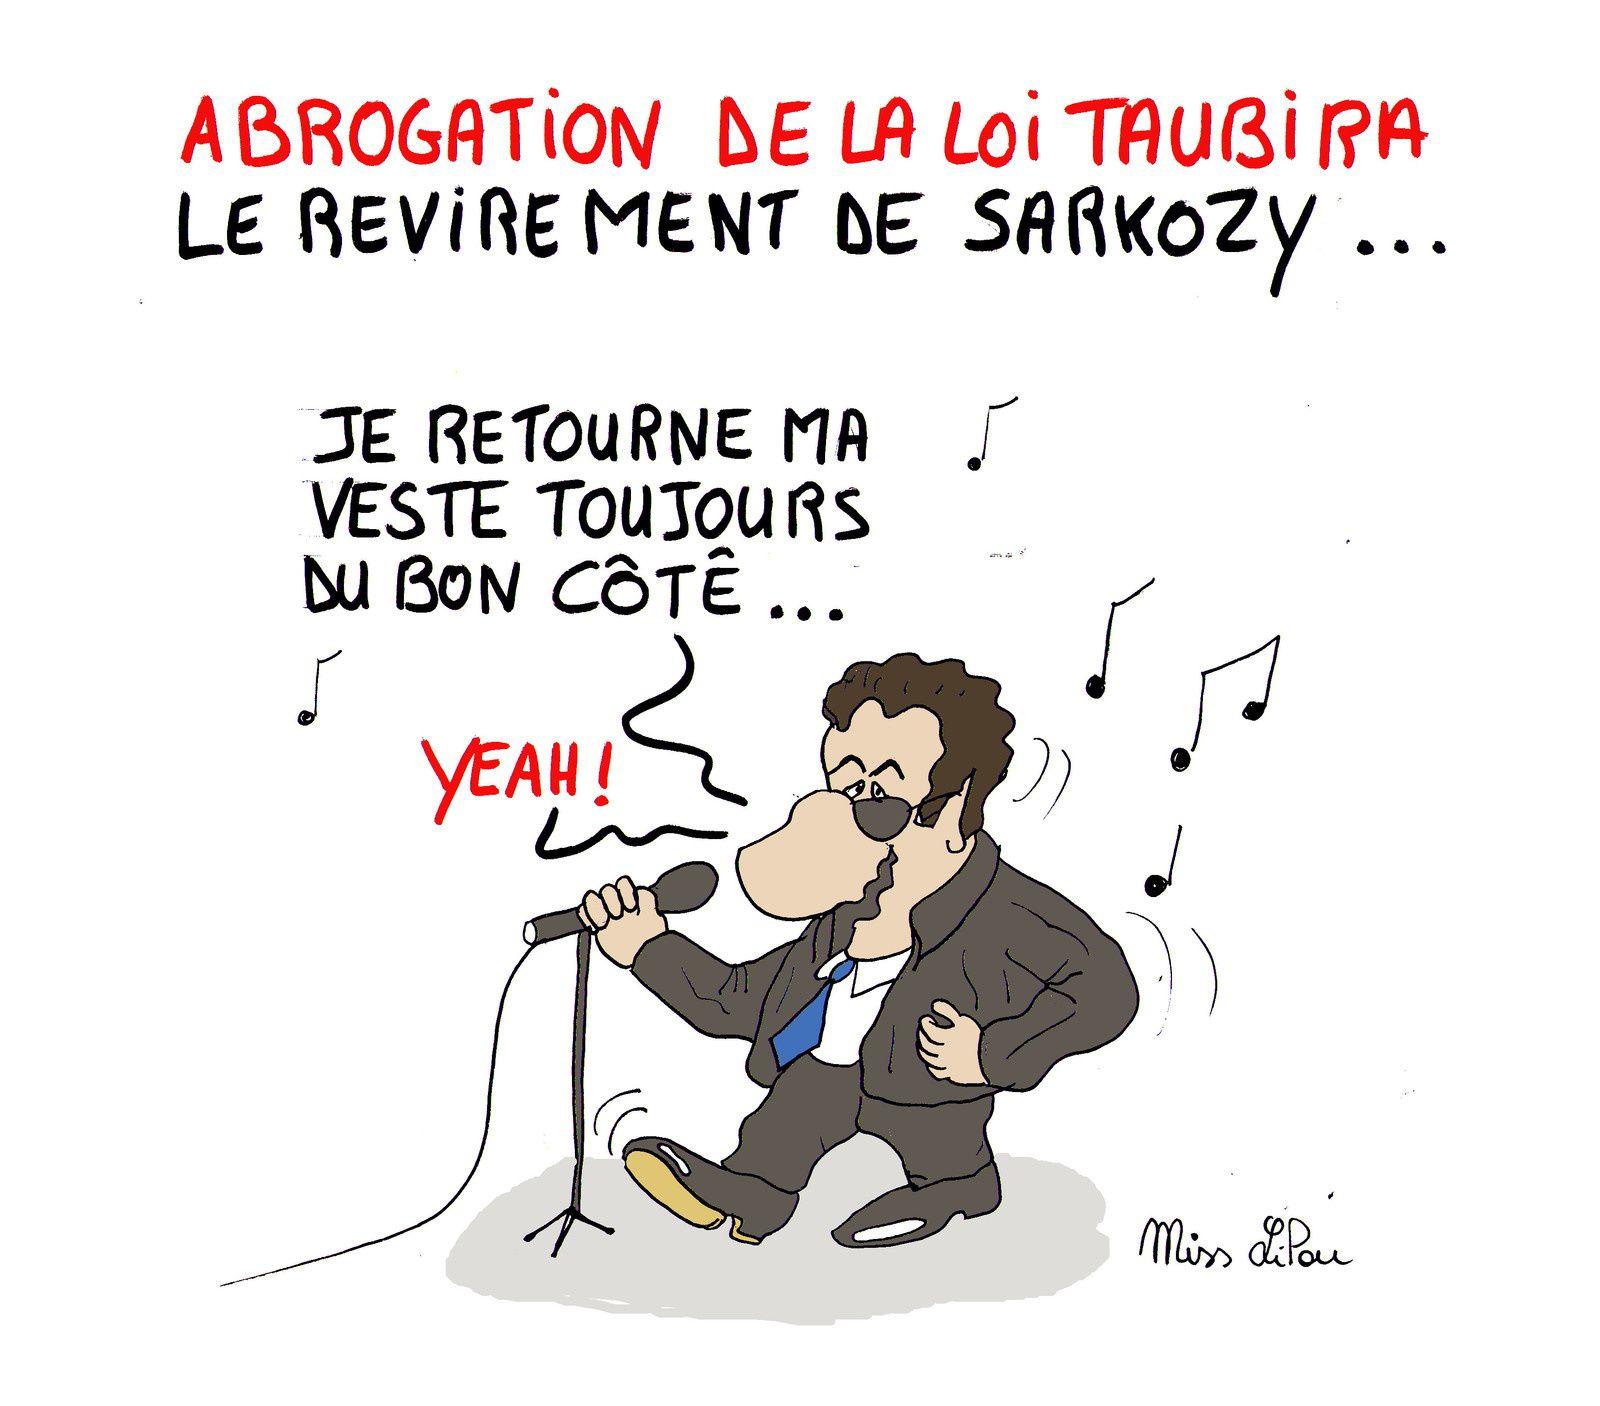 ABROGATION DE LA LOI TAUBIRA : LE REVIREMENT DE SARKOZY...